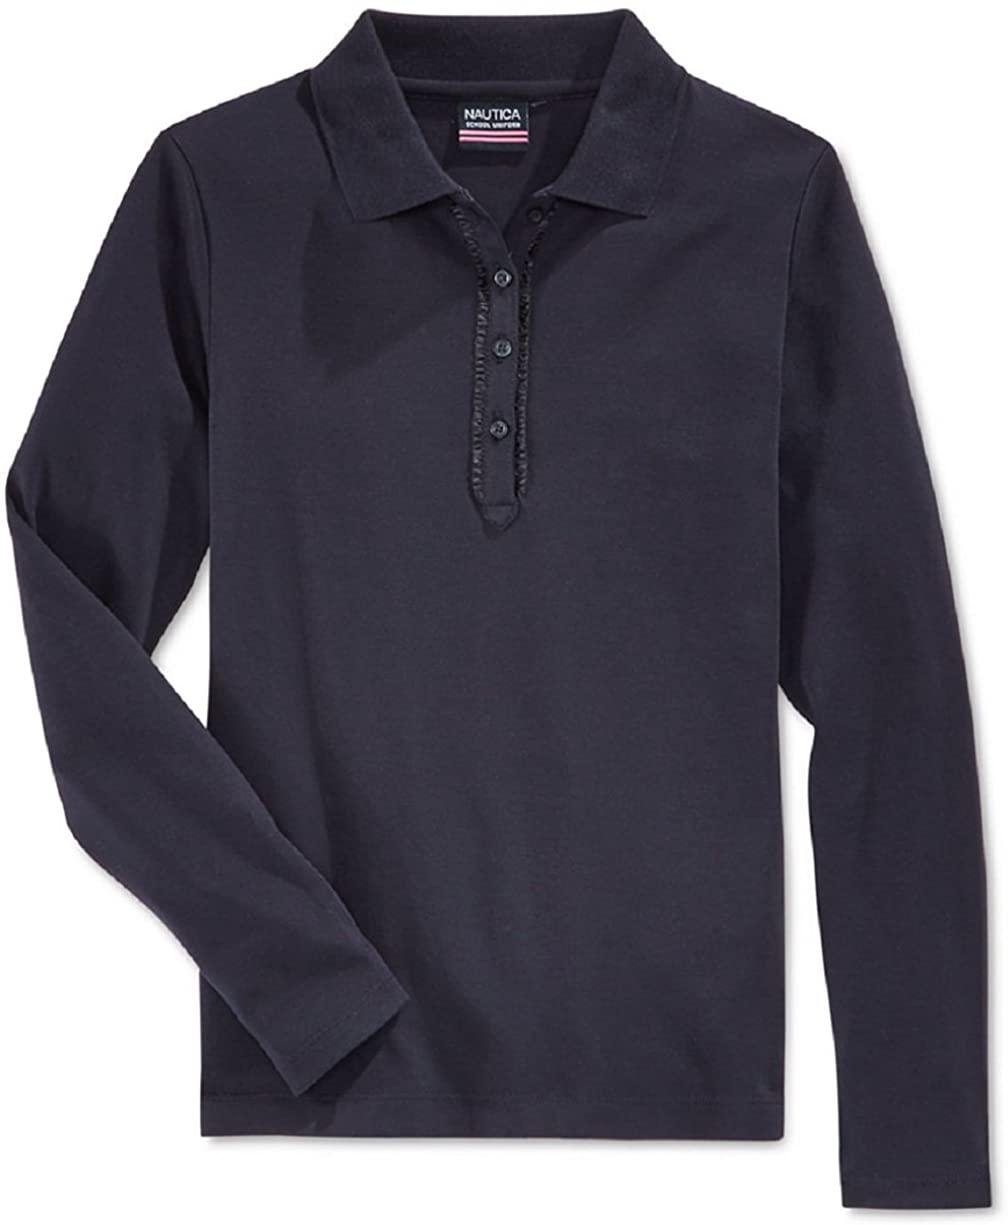 Nautica Girls' Uniform Ruffled Long-Sleeve Polo Shirt